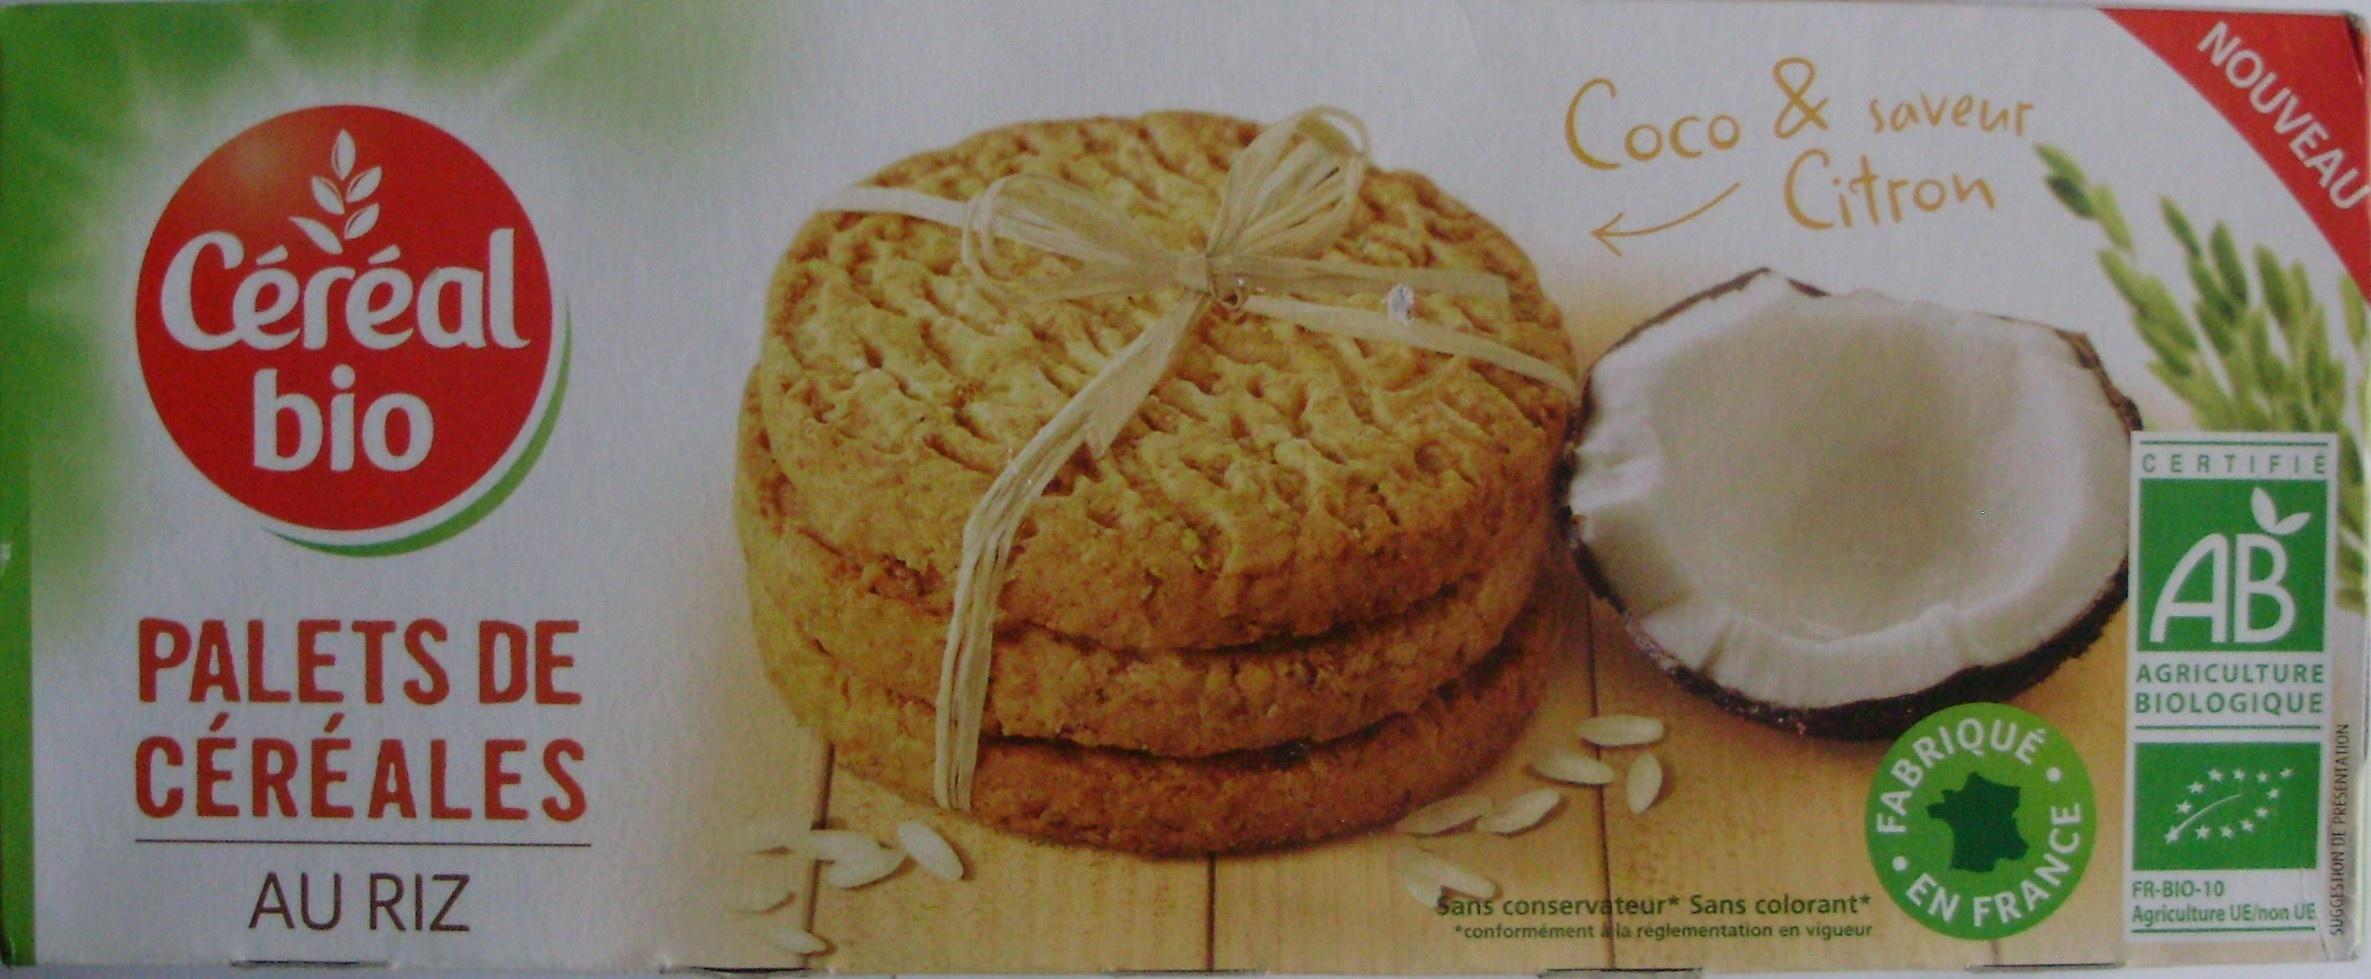 Palets de céréales au riz - Produit - fr